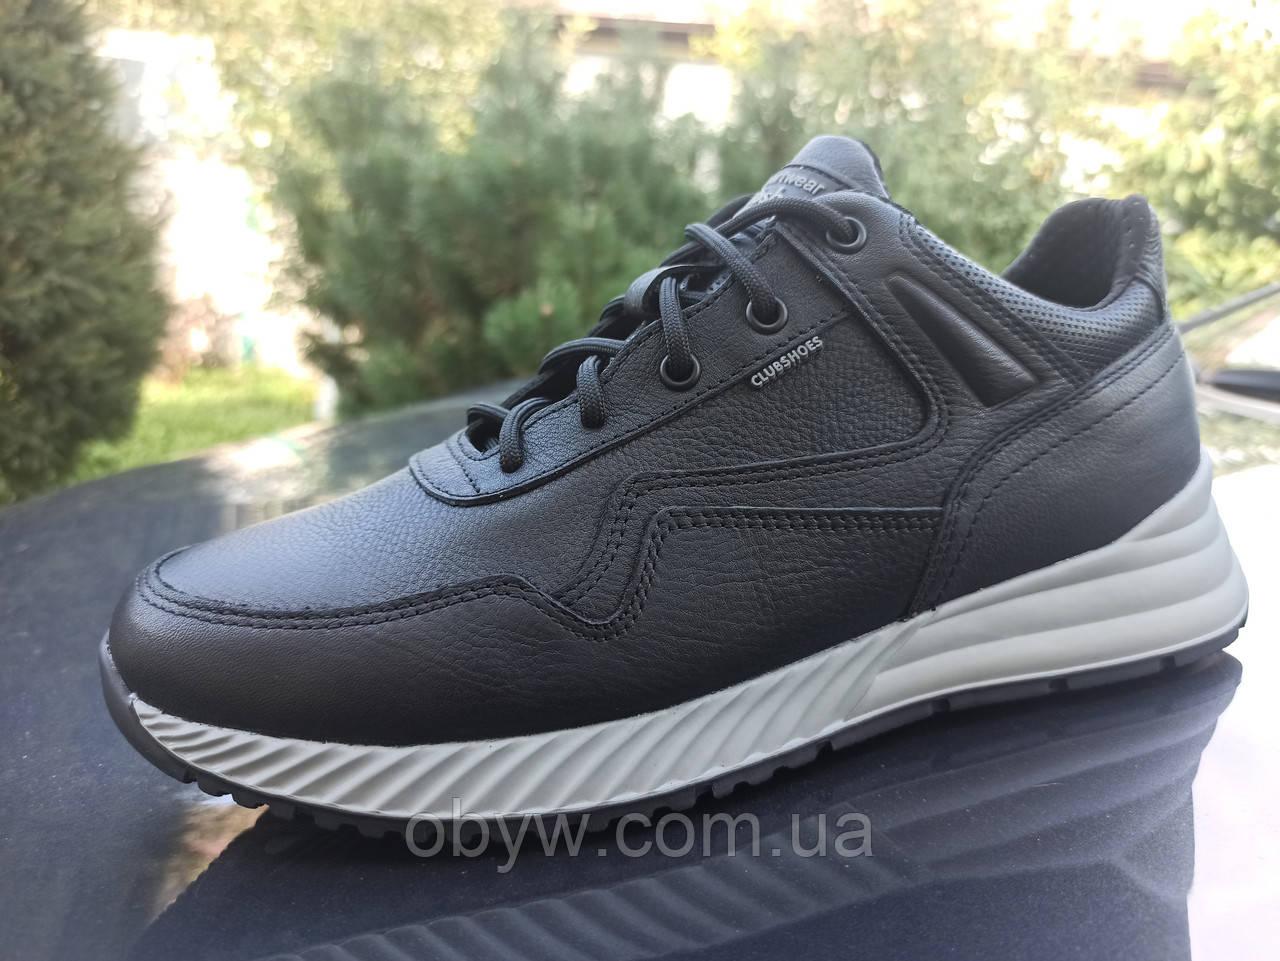 Чоловічі шкіряні кросівки з натуральної шкіри